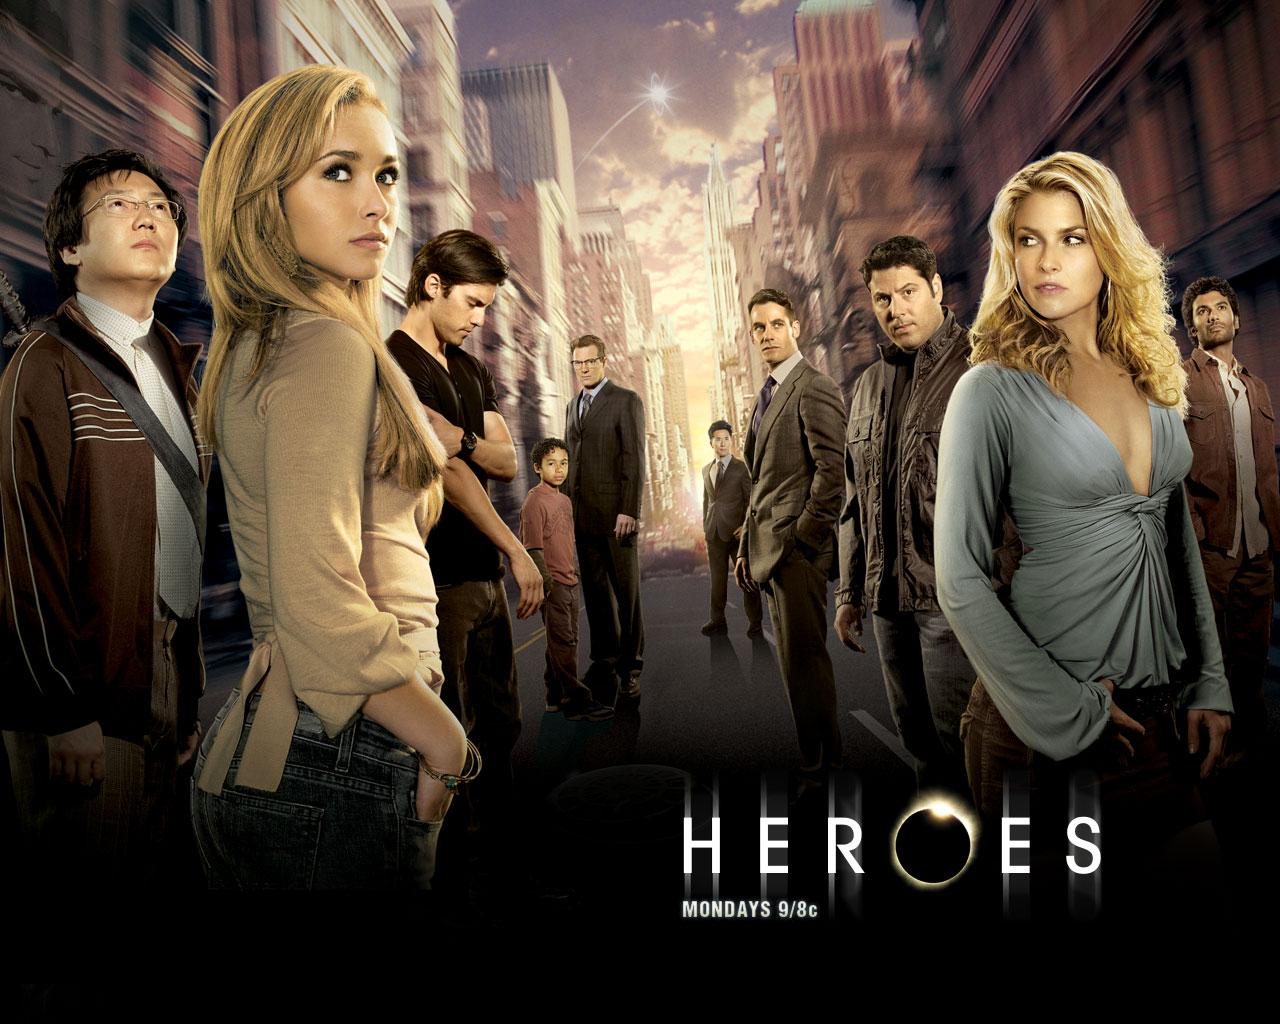 Heroes saison 2 épisode 11 streaming dans Series Heroes-heroes-357089_1280_1024